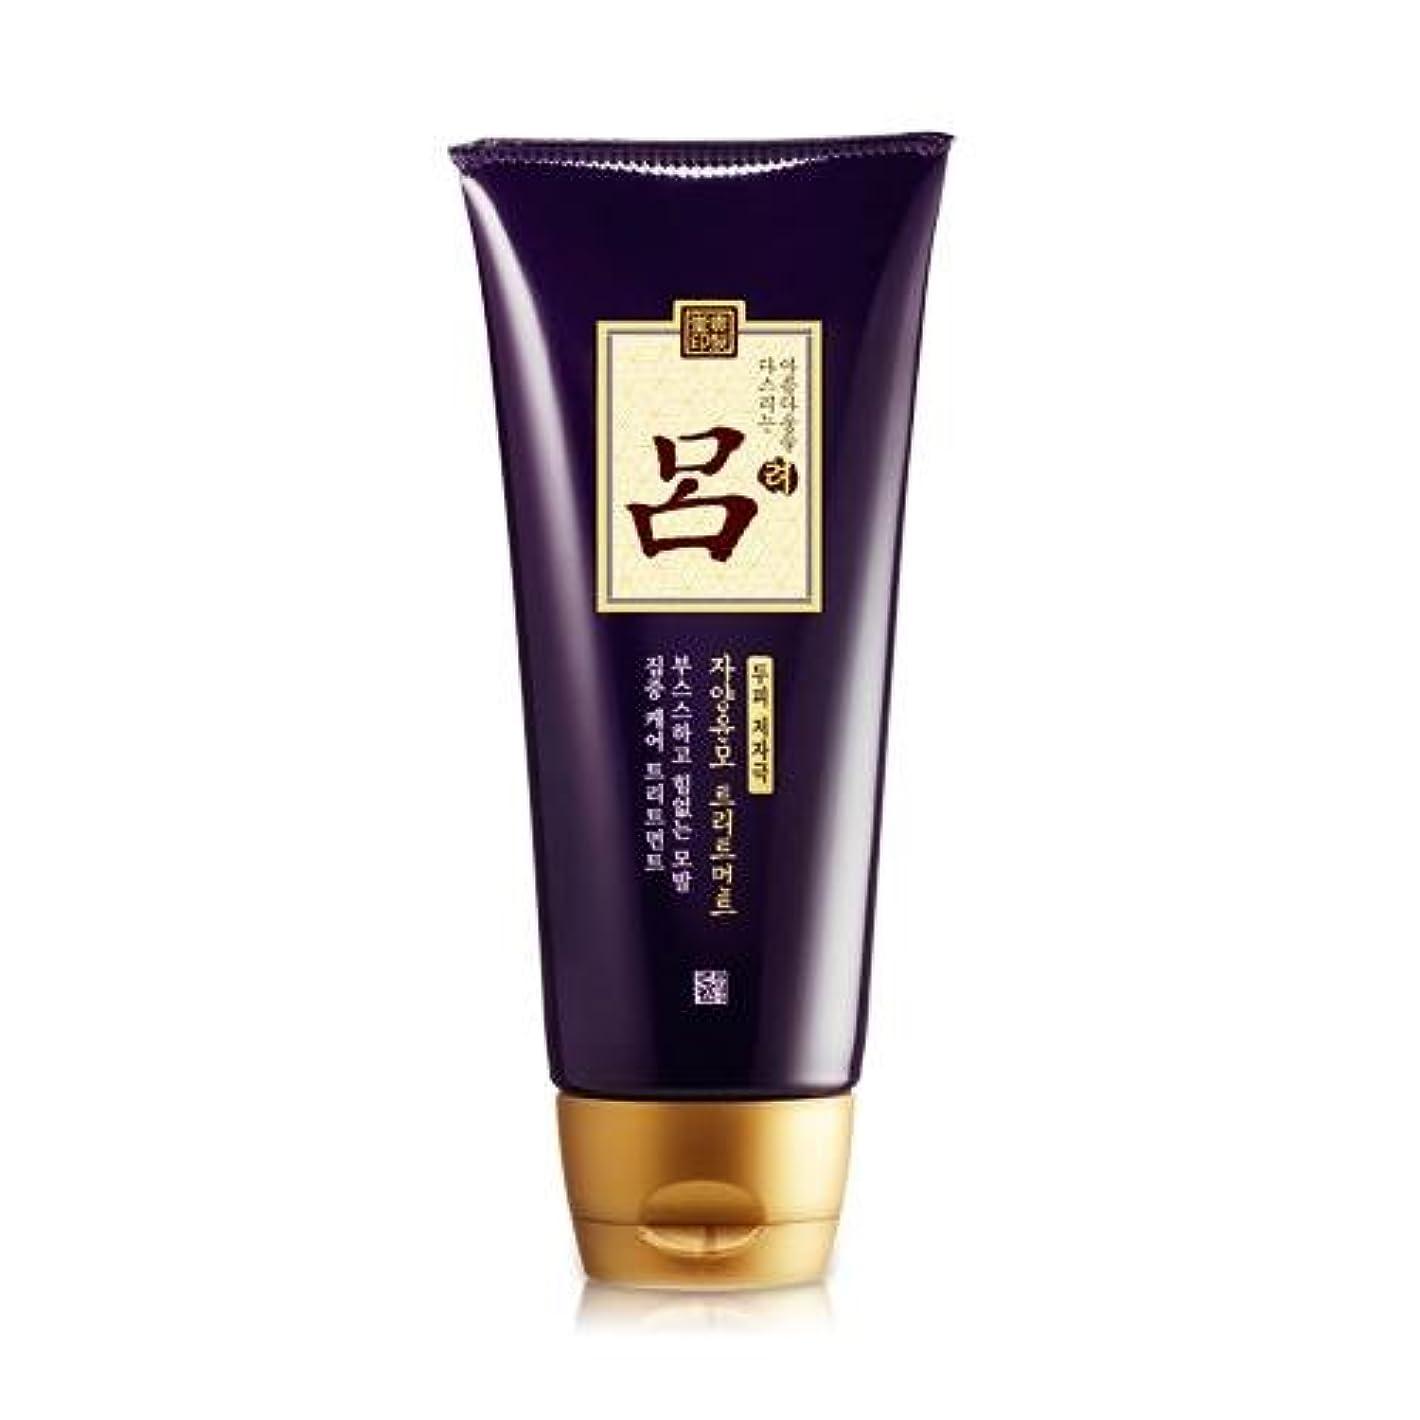 フォルダそして分解する韓国 リョ/呂 紫 チャヤンユンモ/滋養潤毛 トリートメント